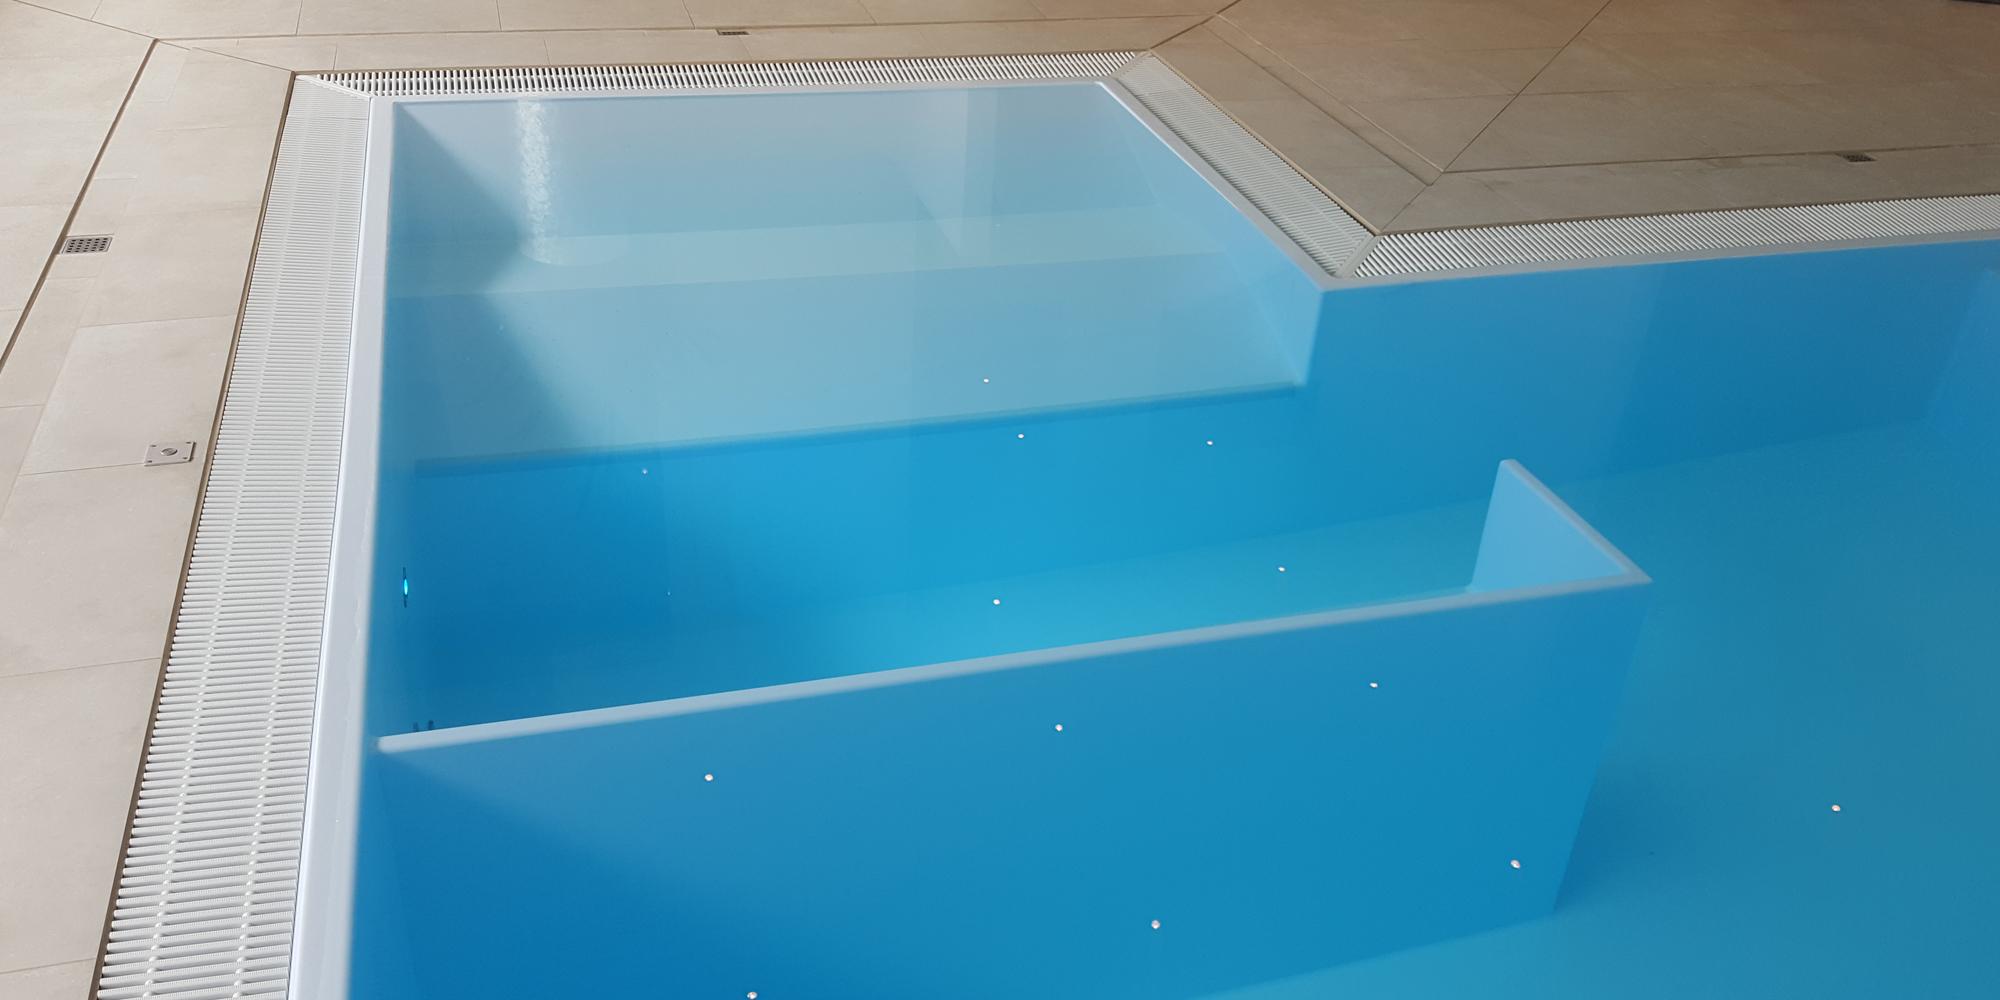 Sprudelliege und Sprudelbank im maßgerfertigtem Schwimmbecken